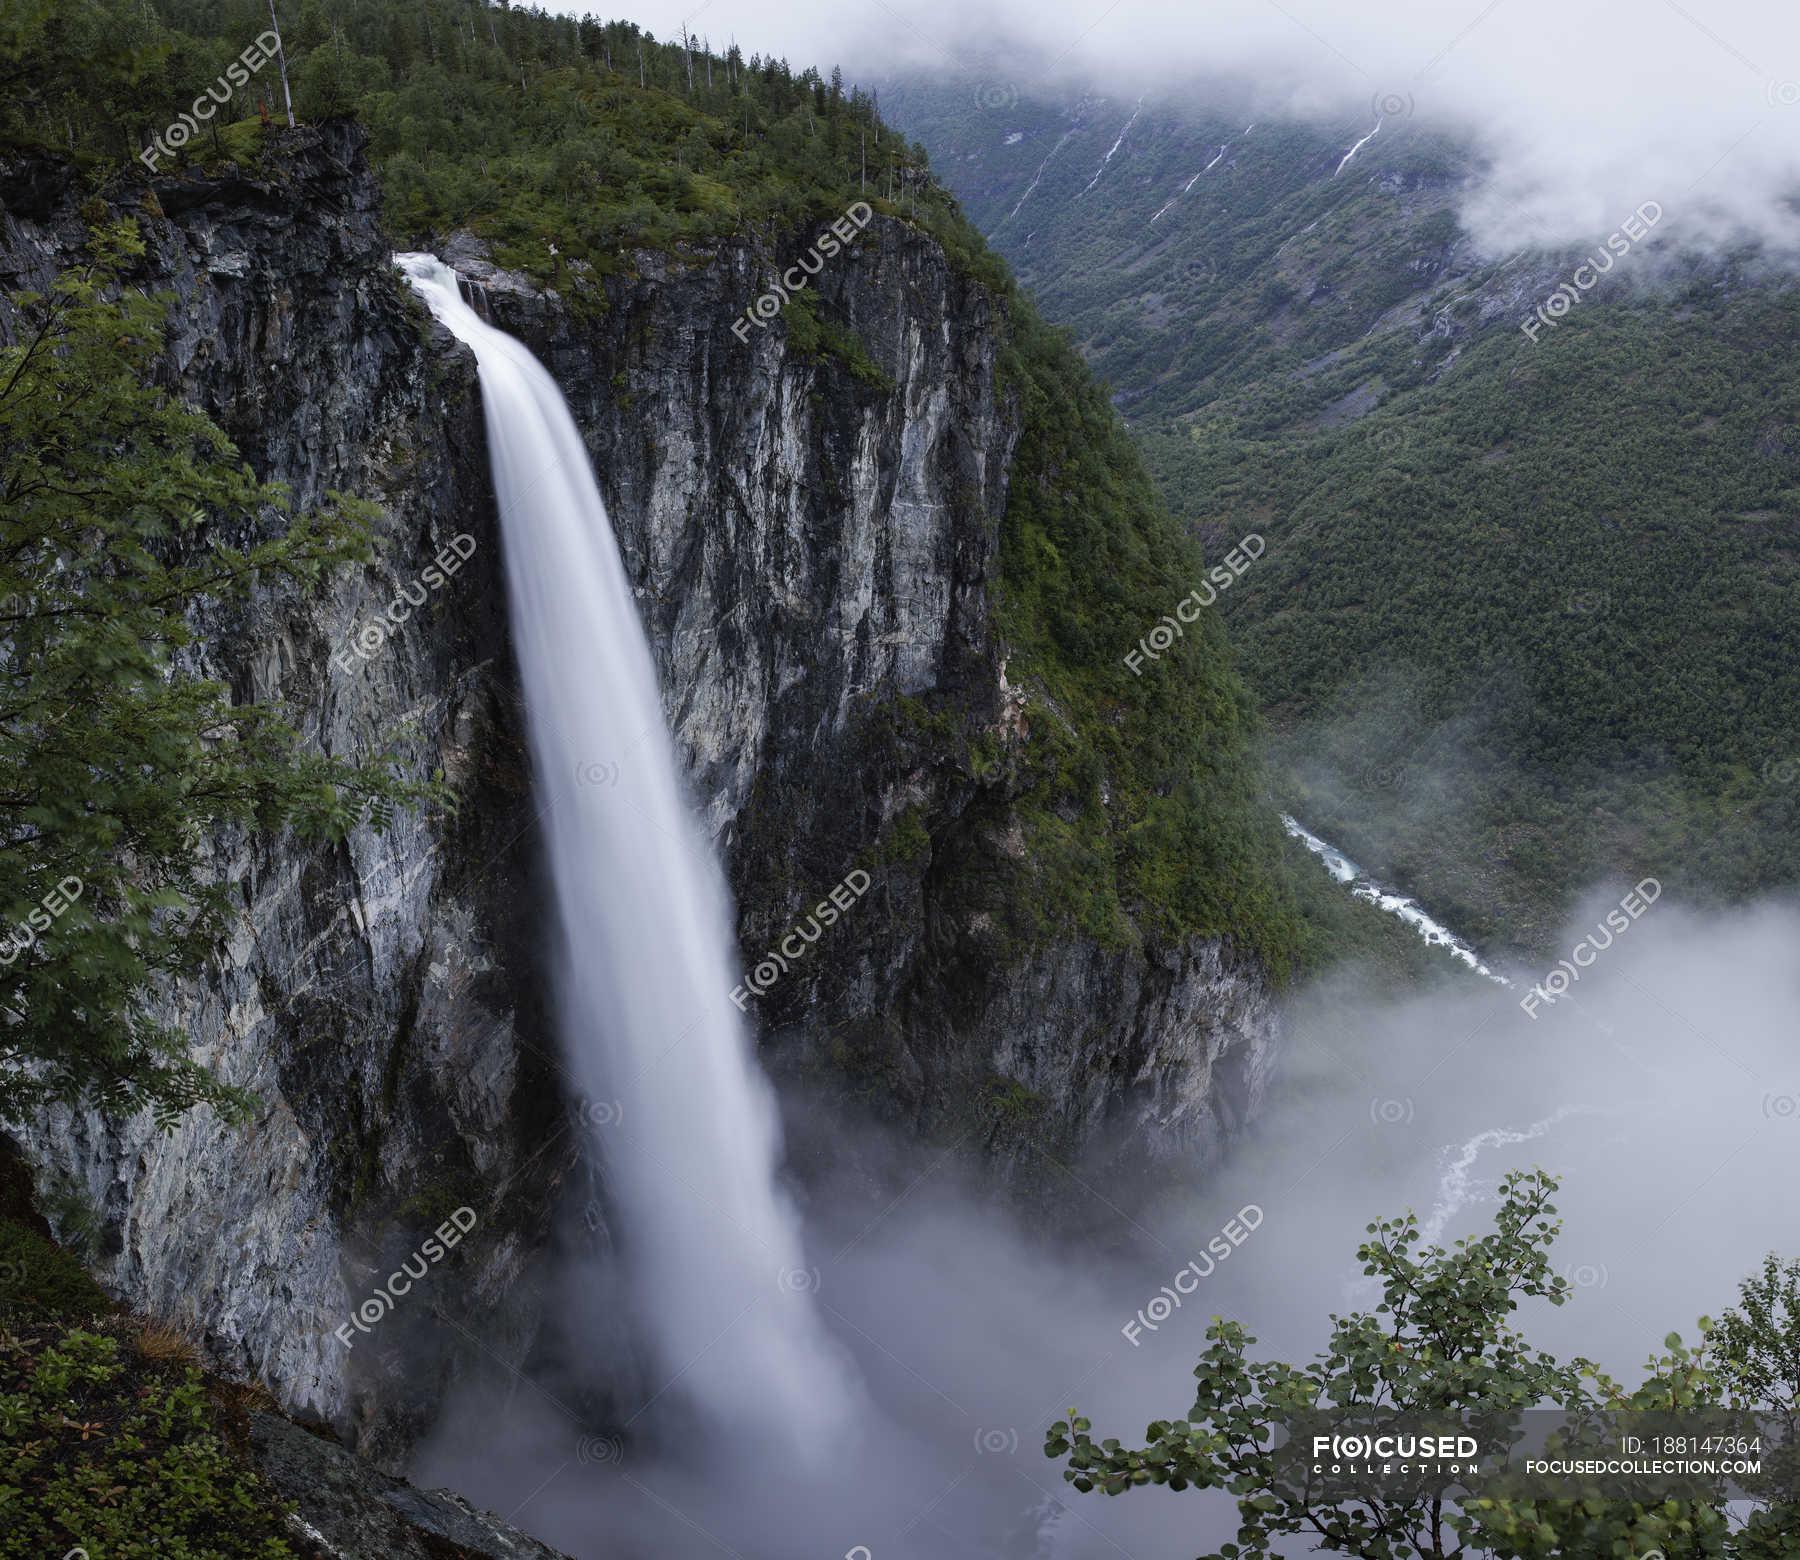 Jotunheimen Mountain Range And Utladalen Valley With Vettisfossen Waterfall Daylight Peaks Stock Photo 188147364